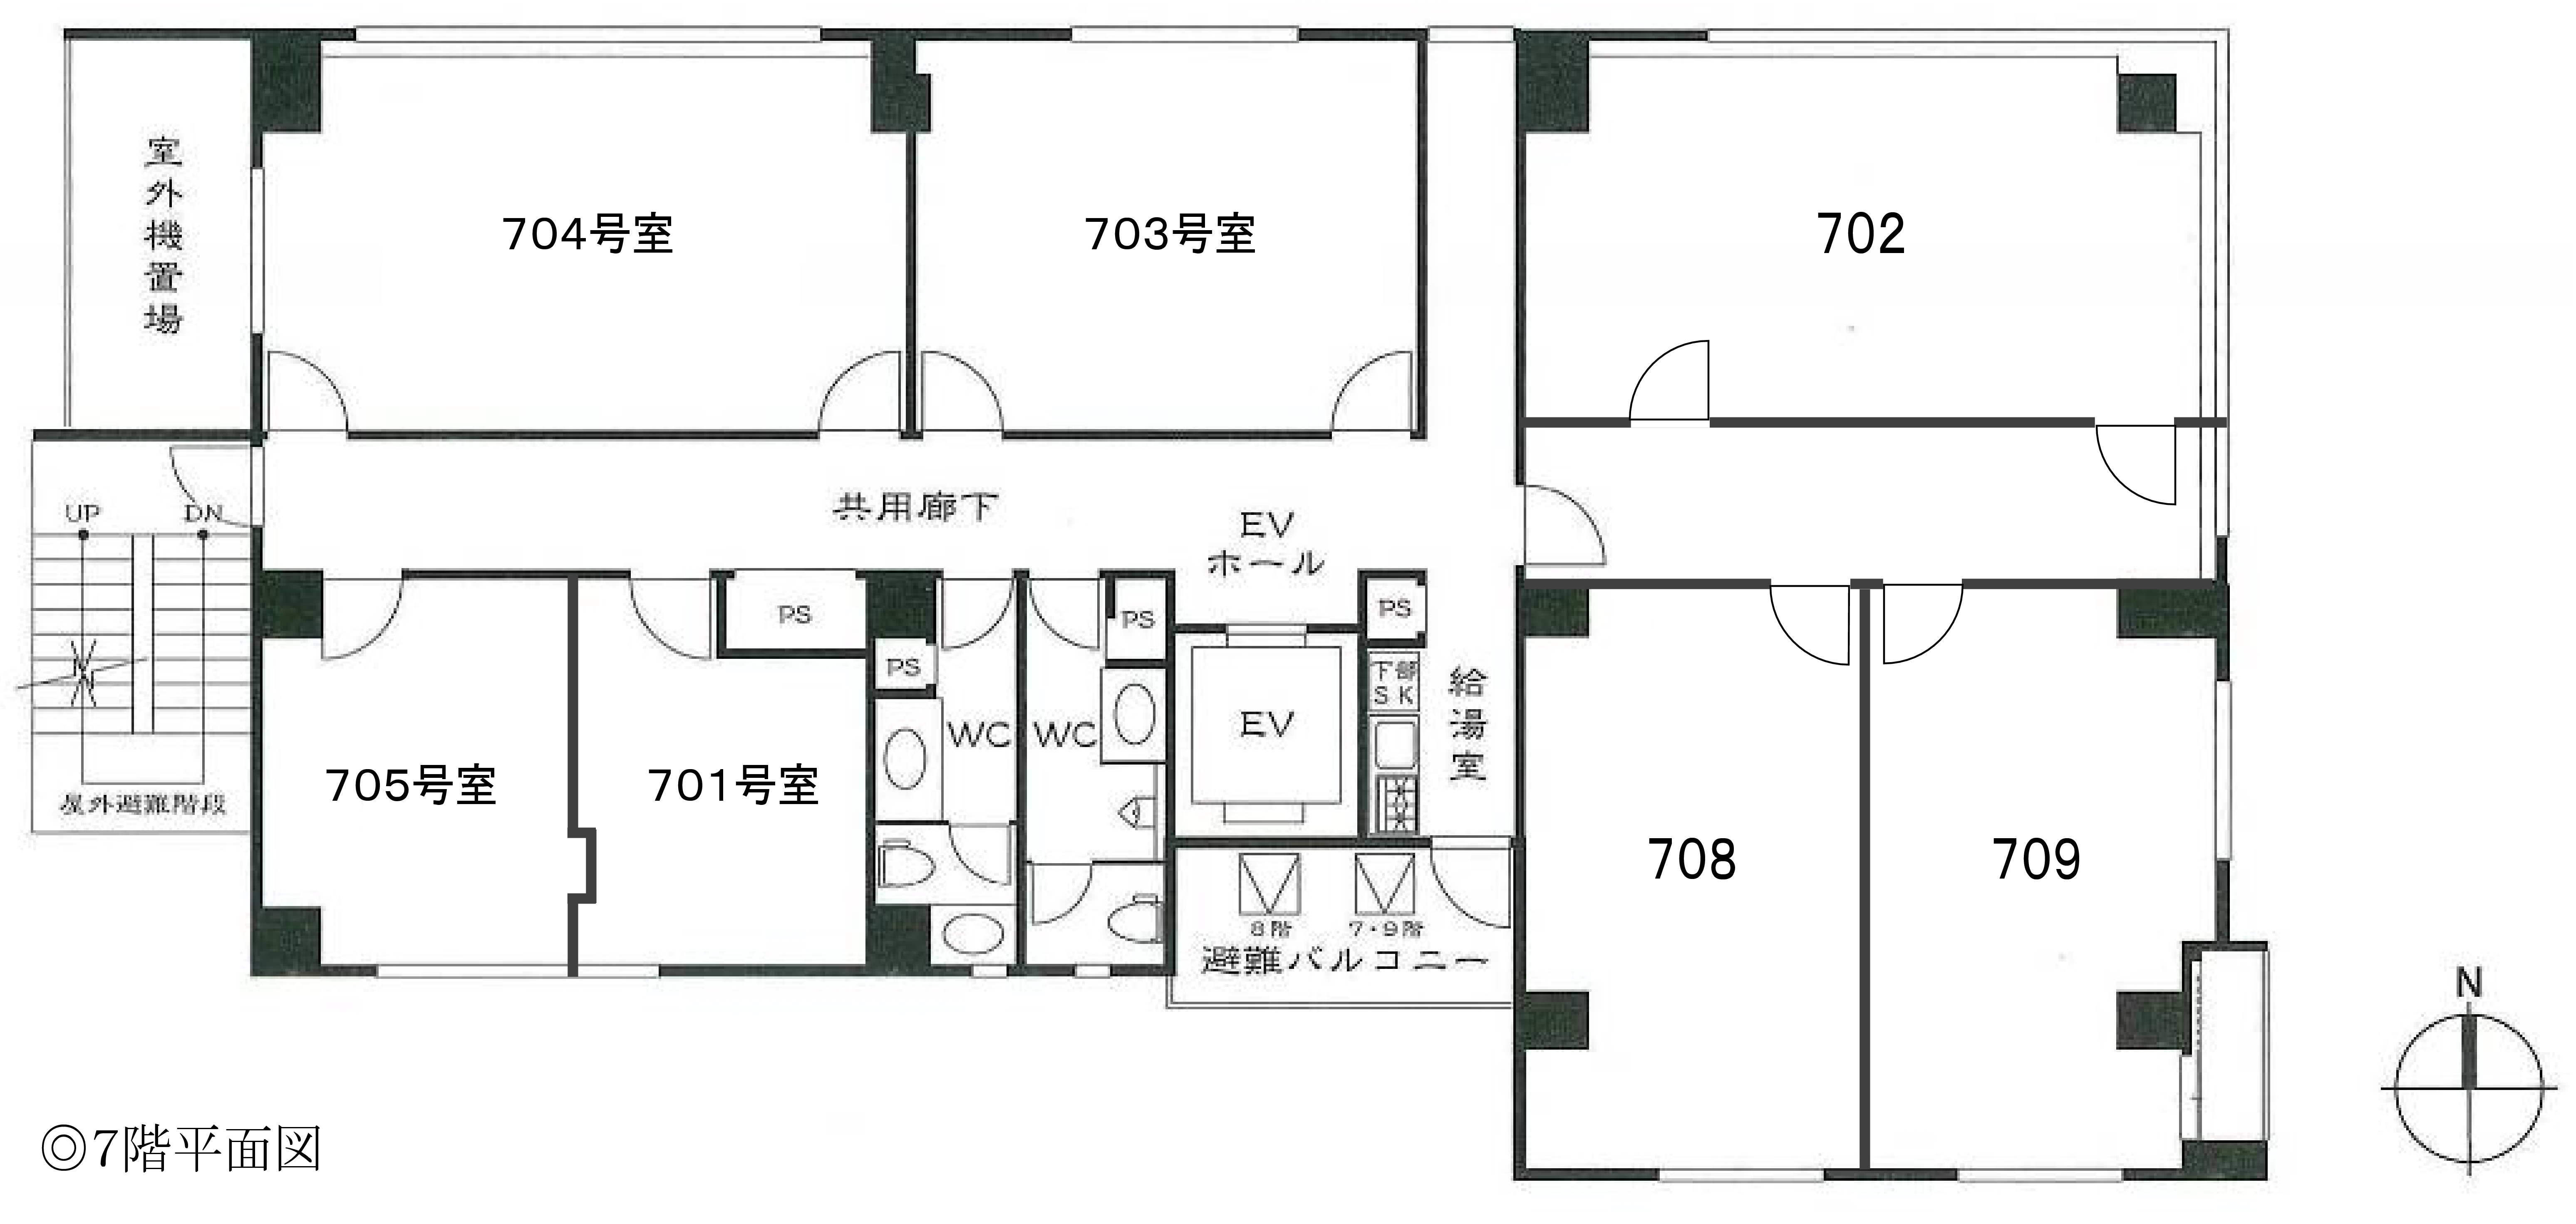 カテゴリ: sohoオフィス京都 - 株式会社ケイティピーコーポレーション